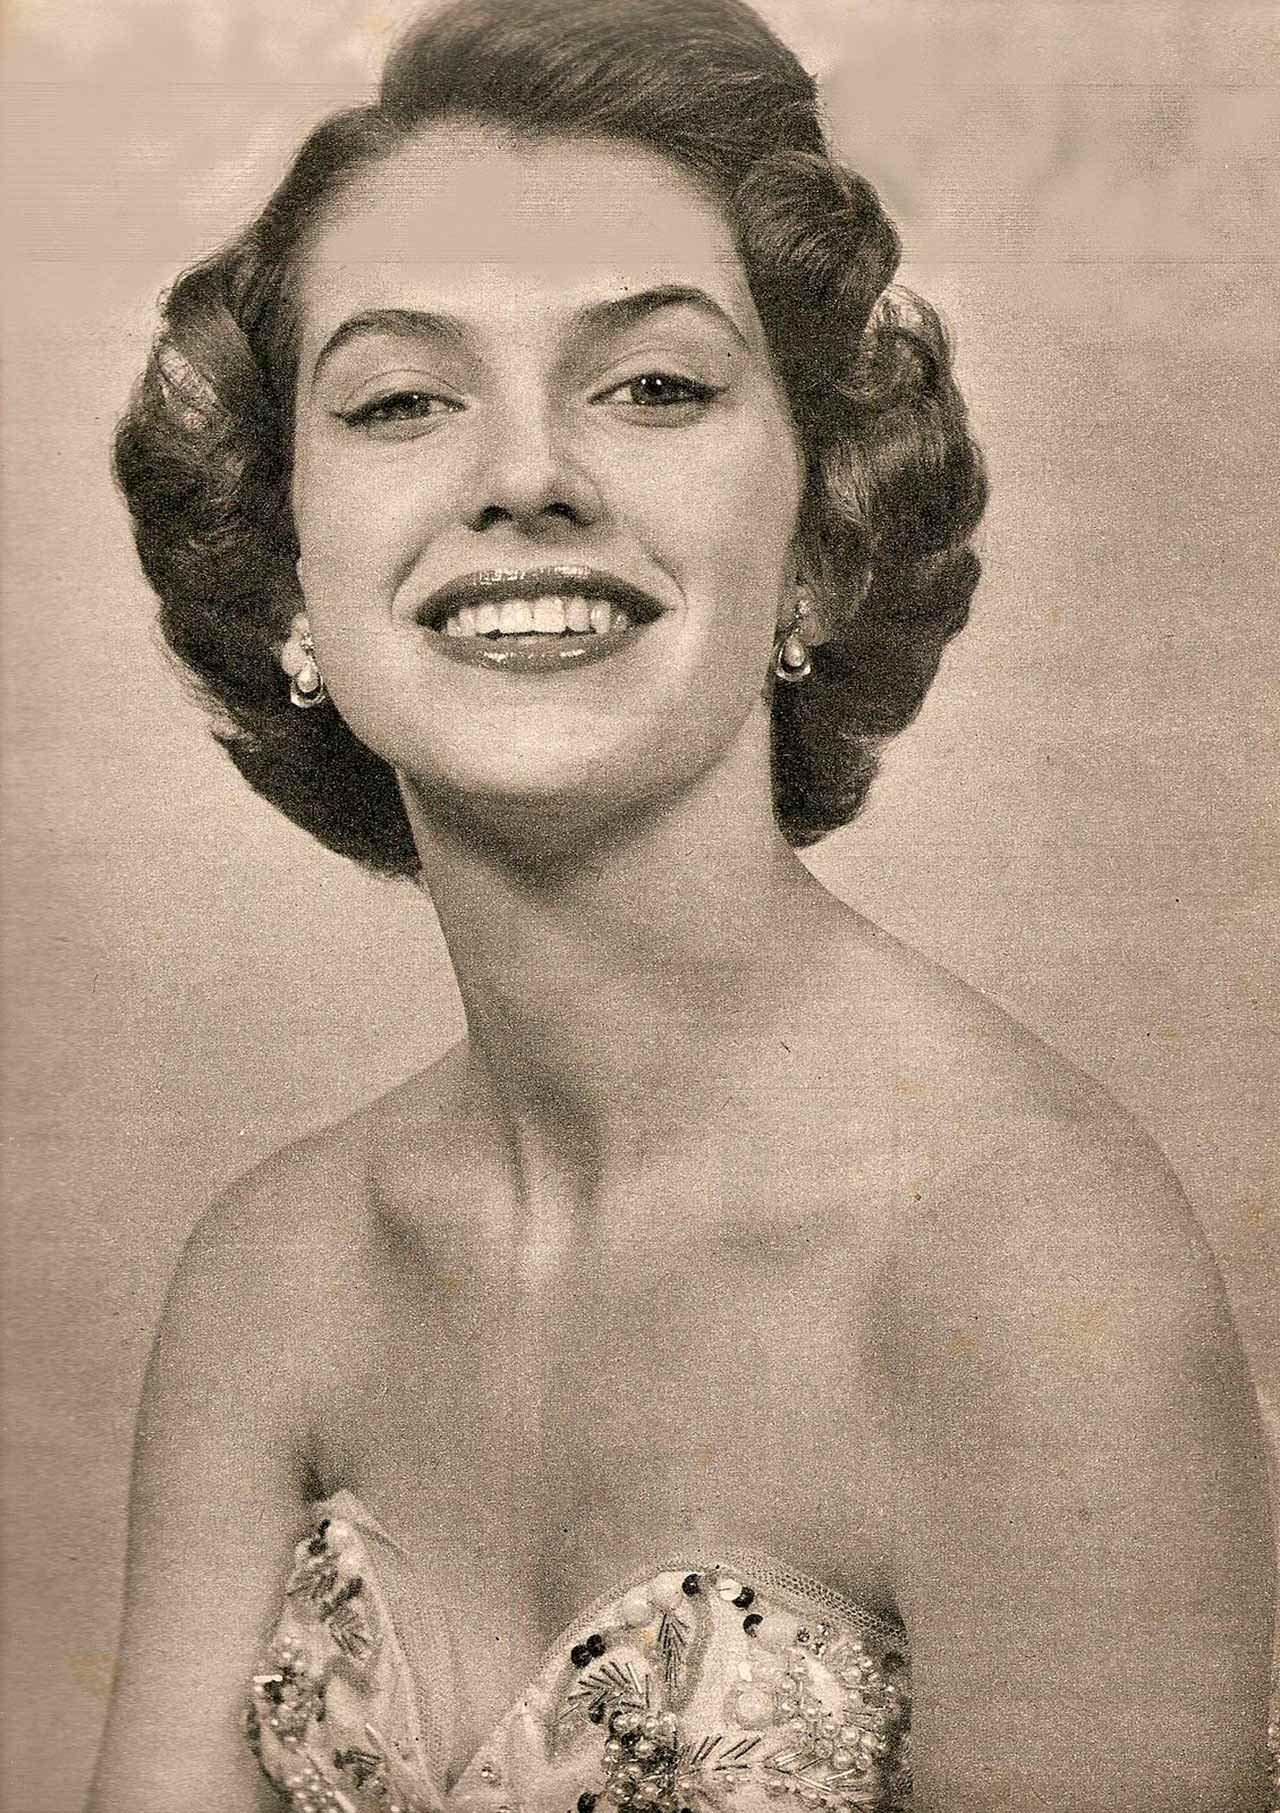 Фото | Мисс Мира 1952 года Май-Луиза Флудин